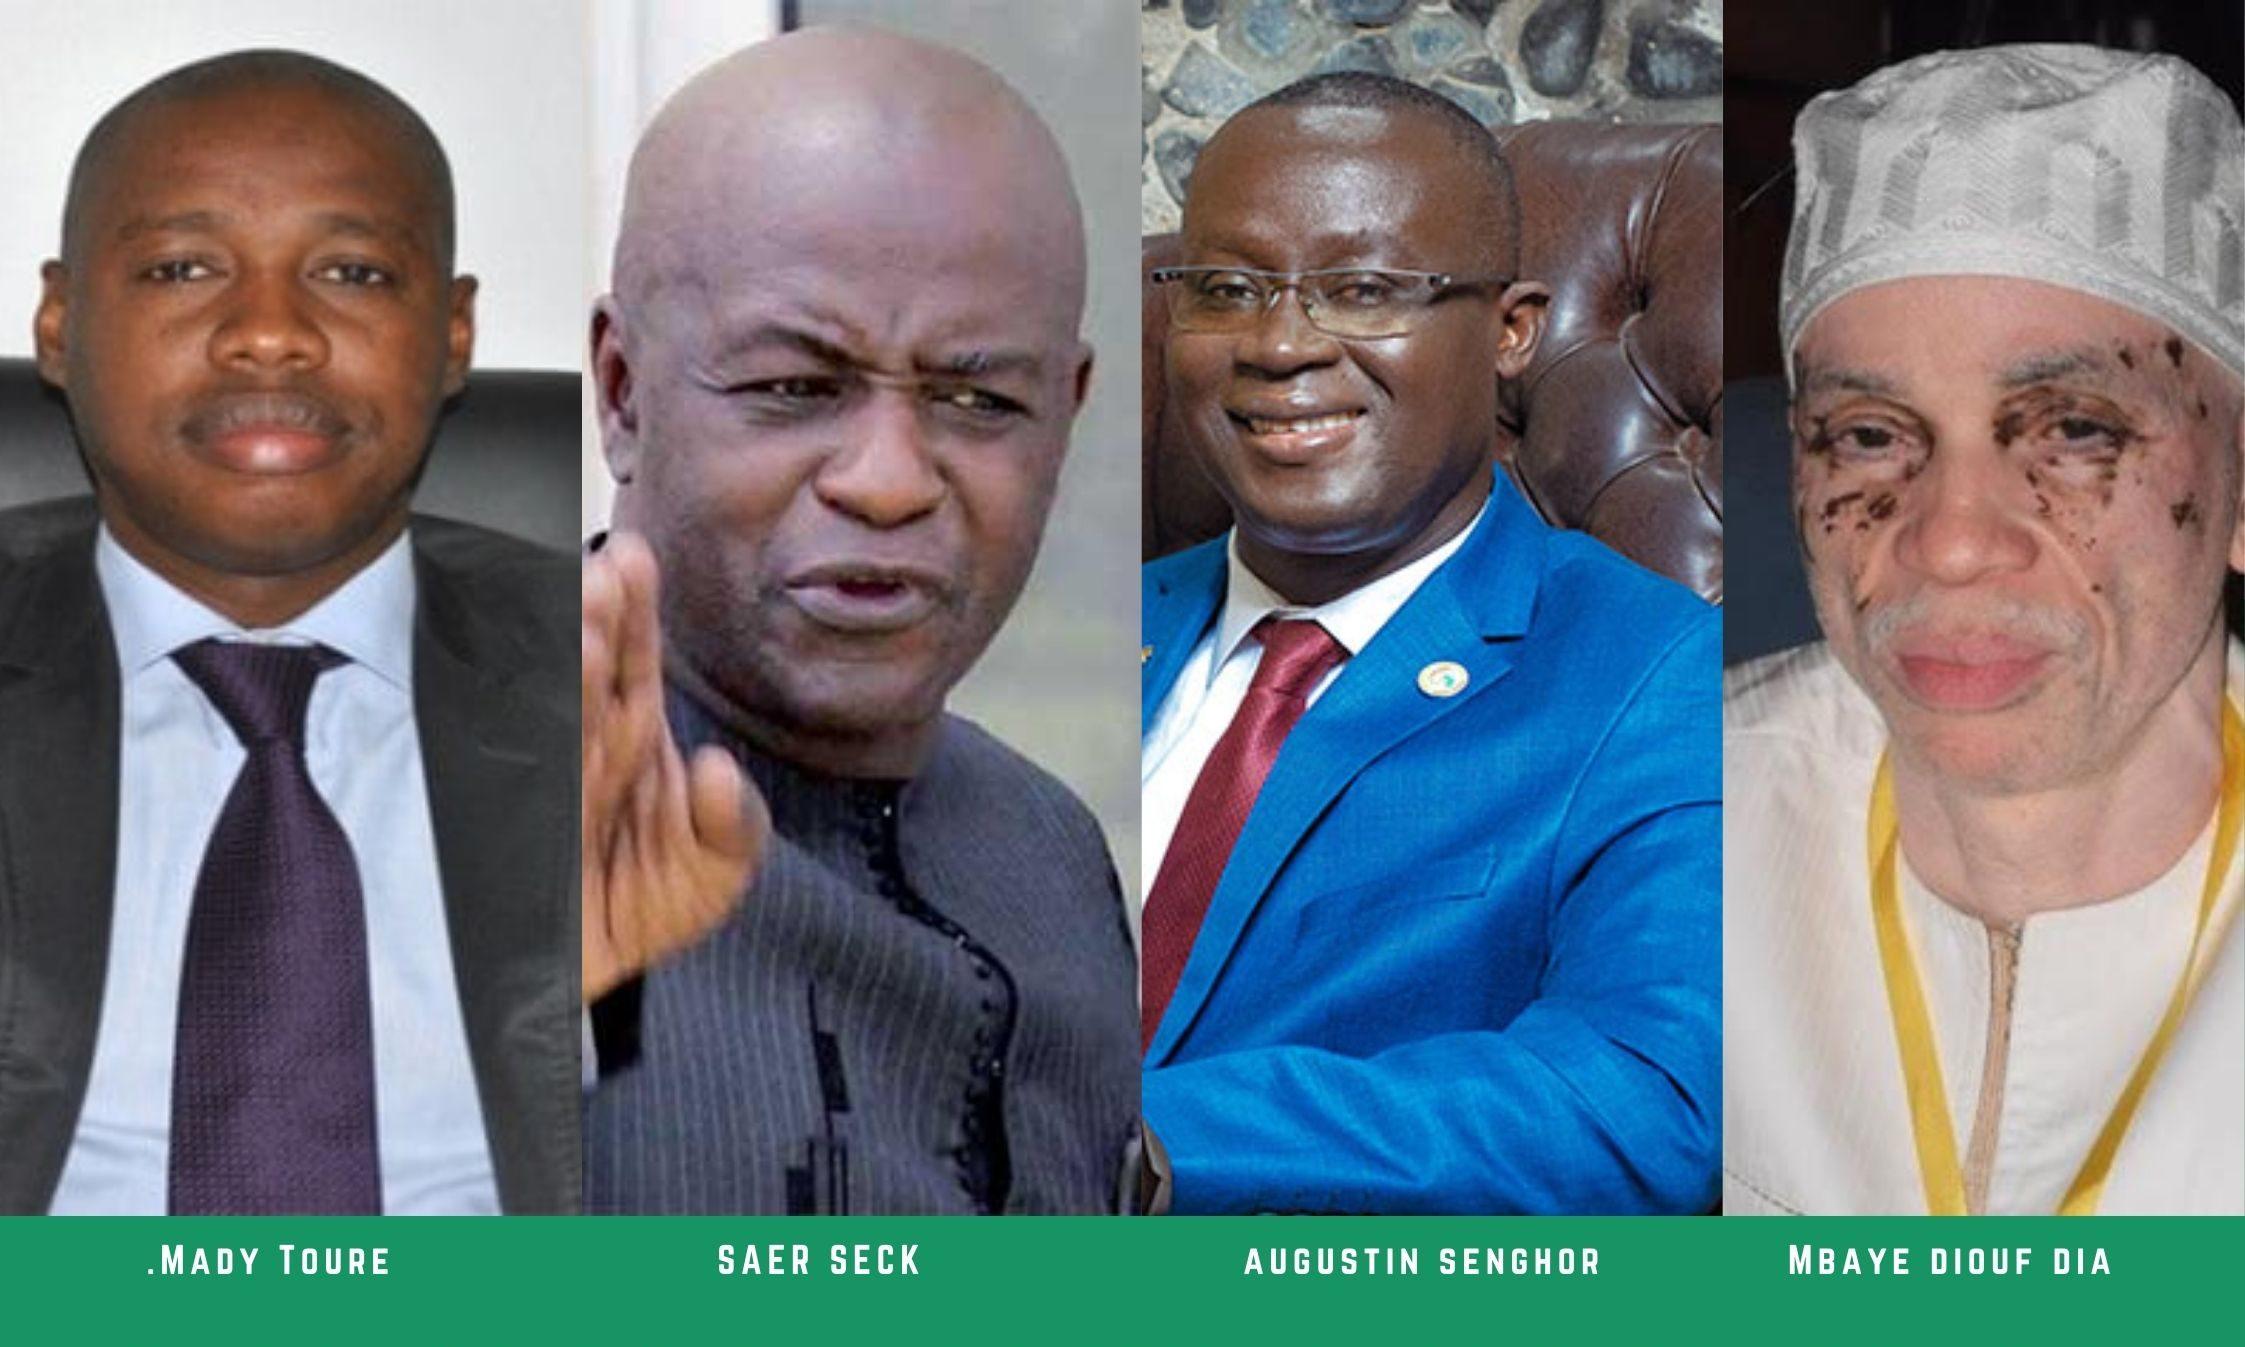 Exclusivité Leral: Après Mbaye Diouf Dia et Saër Seck, Mady Touré vote Me Augustin Senghor